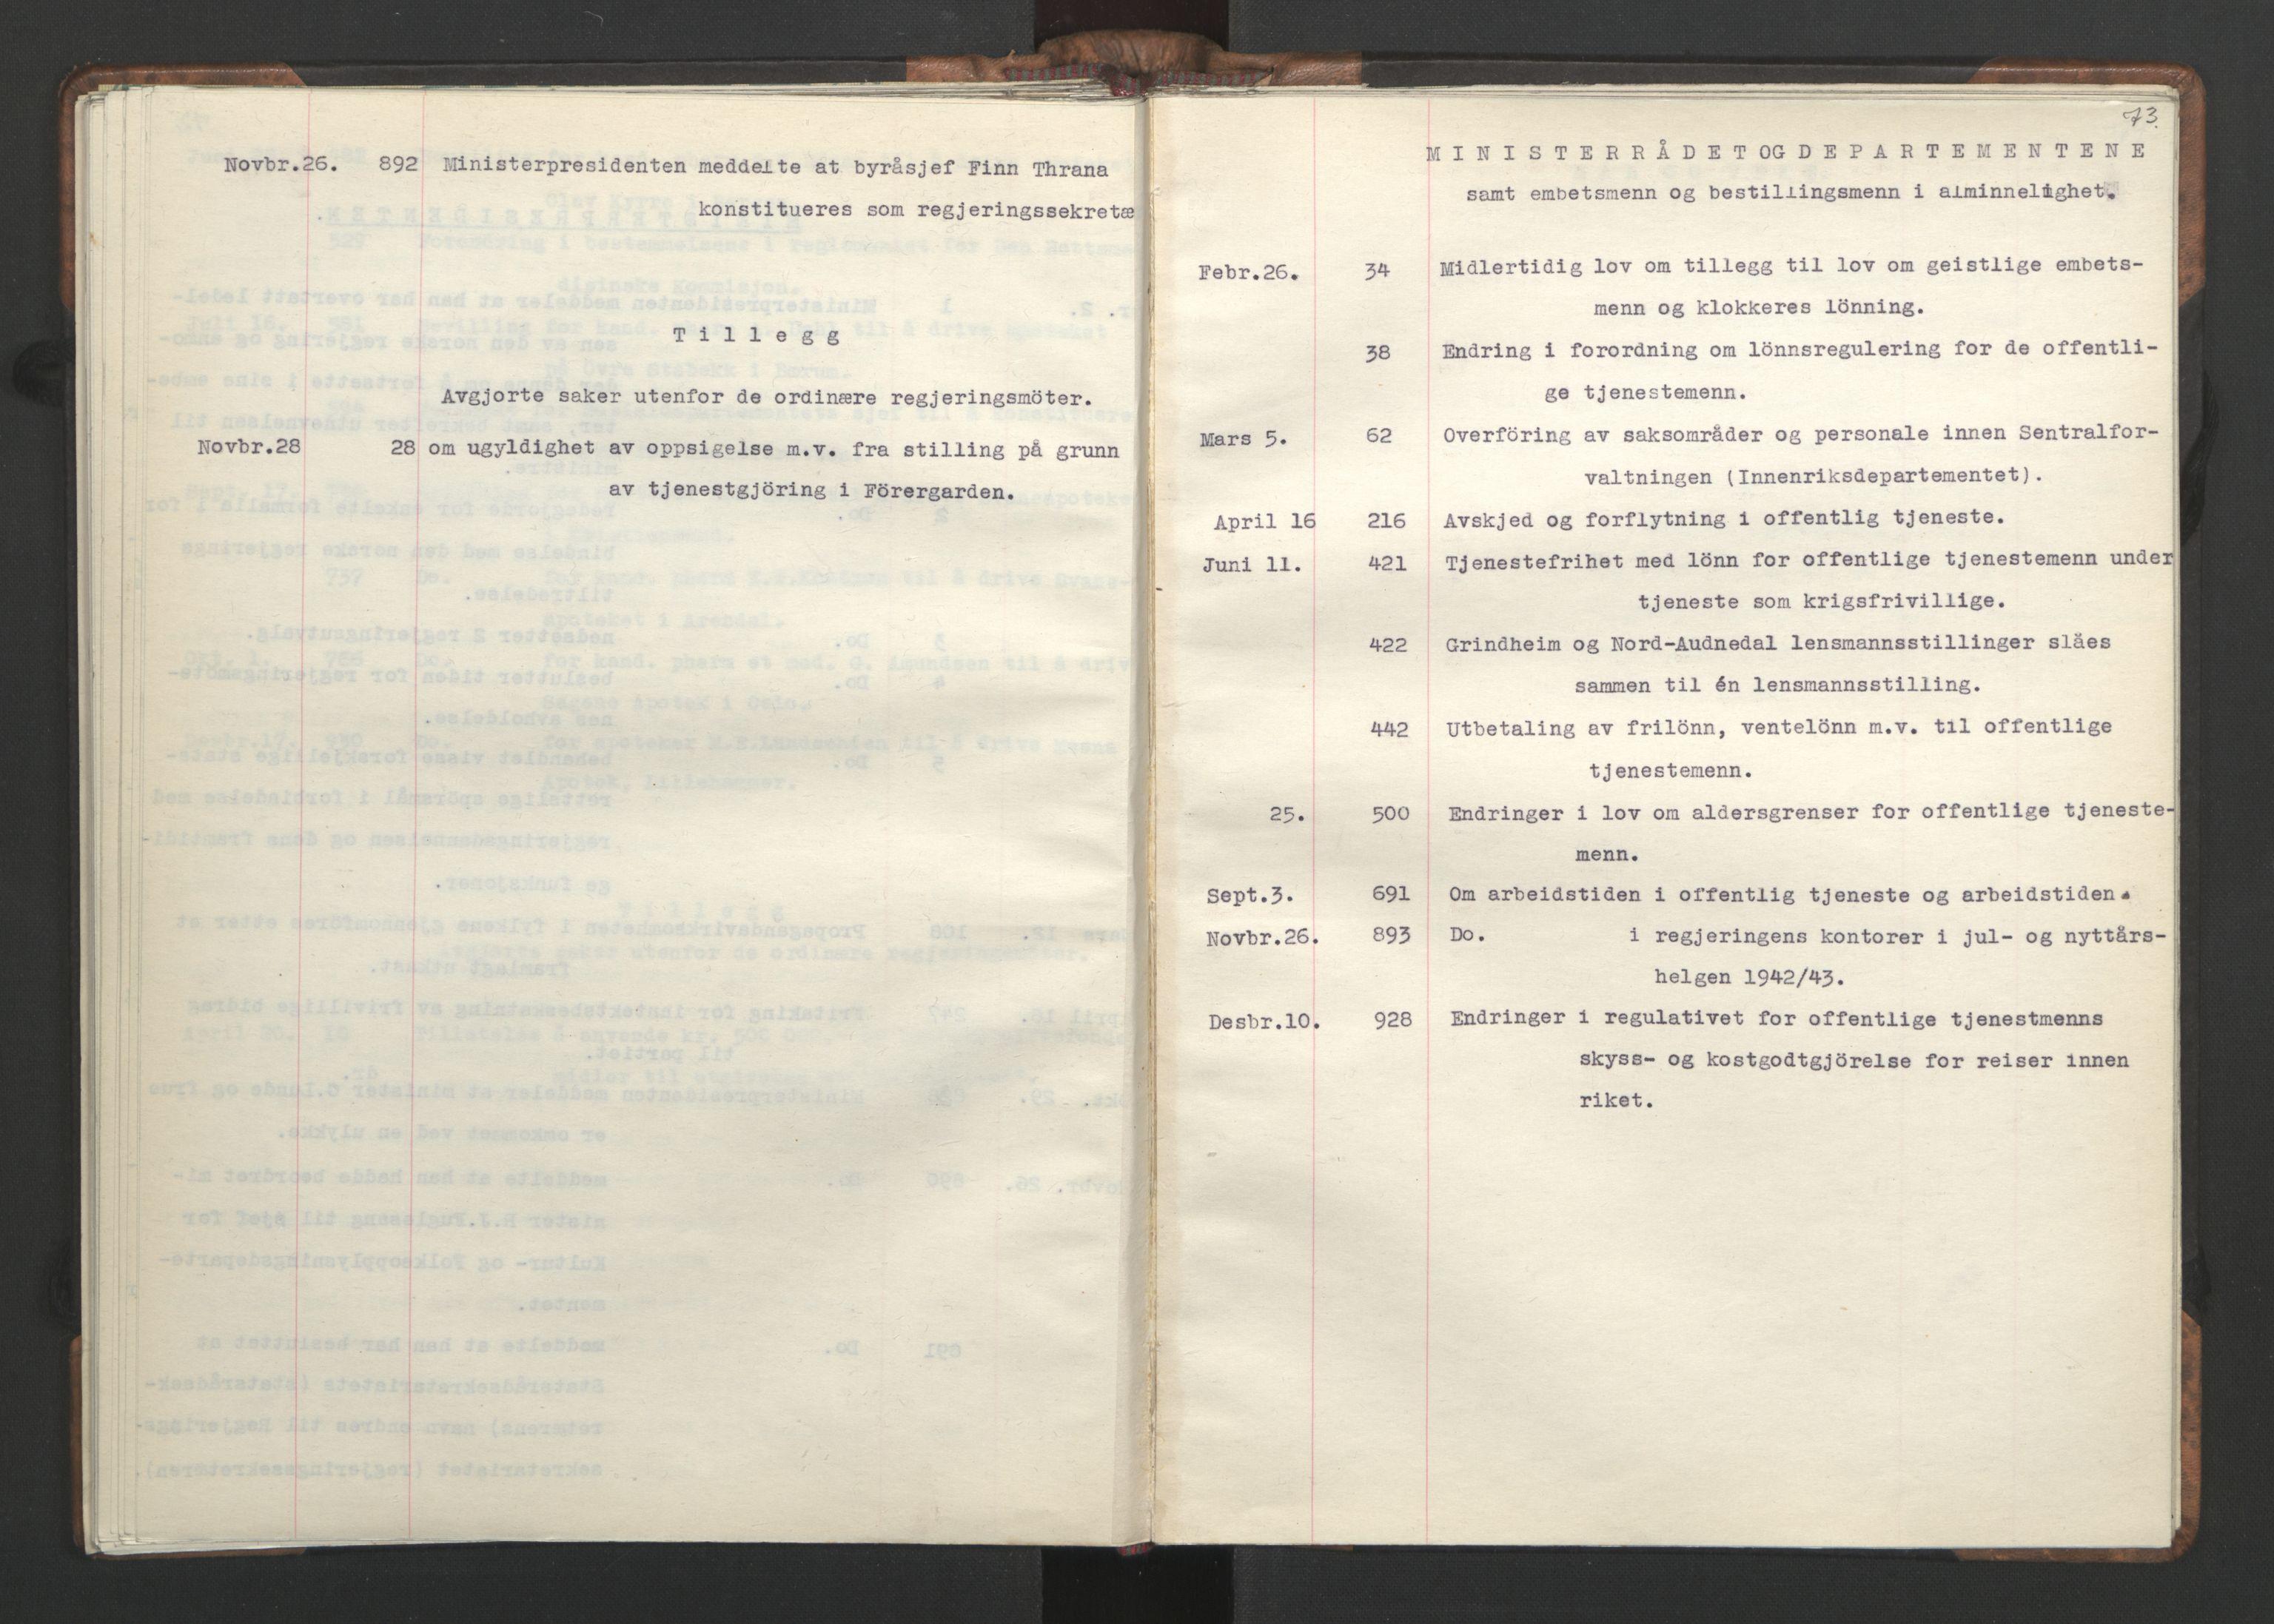 RA, NS-administrasjonen 1940-1945 (Statsrådsekretariatet, de kommisariske statsråder mm), D/Da/L0002: Register (RA j.nr. 985/1943, tilgangsnr. 17/1943), 1942, s. 72b-73a